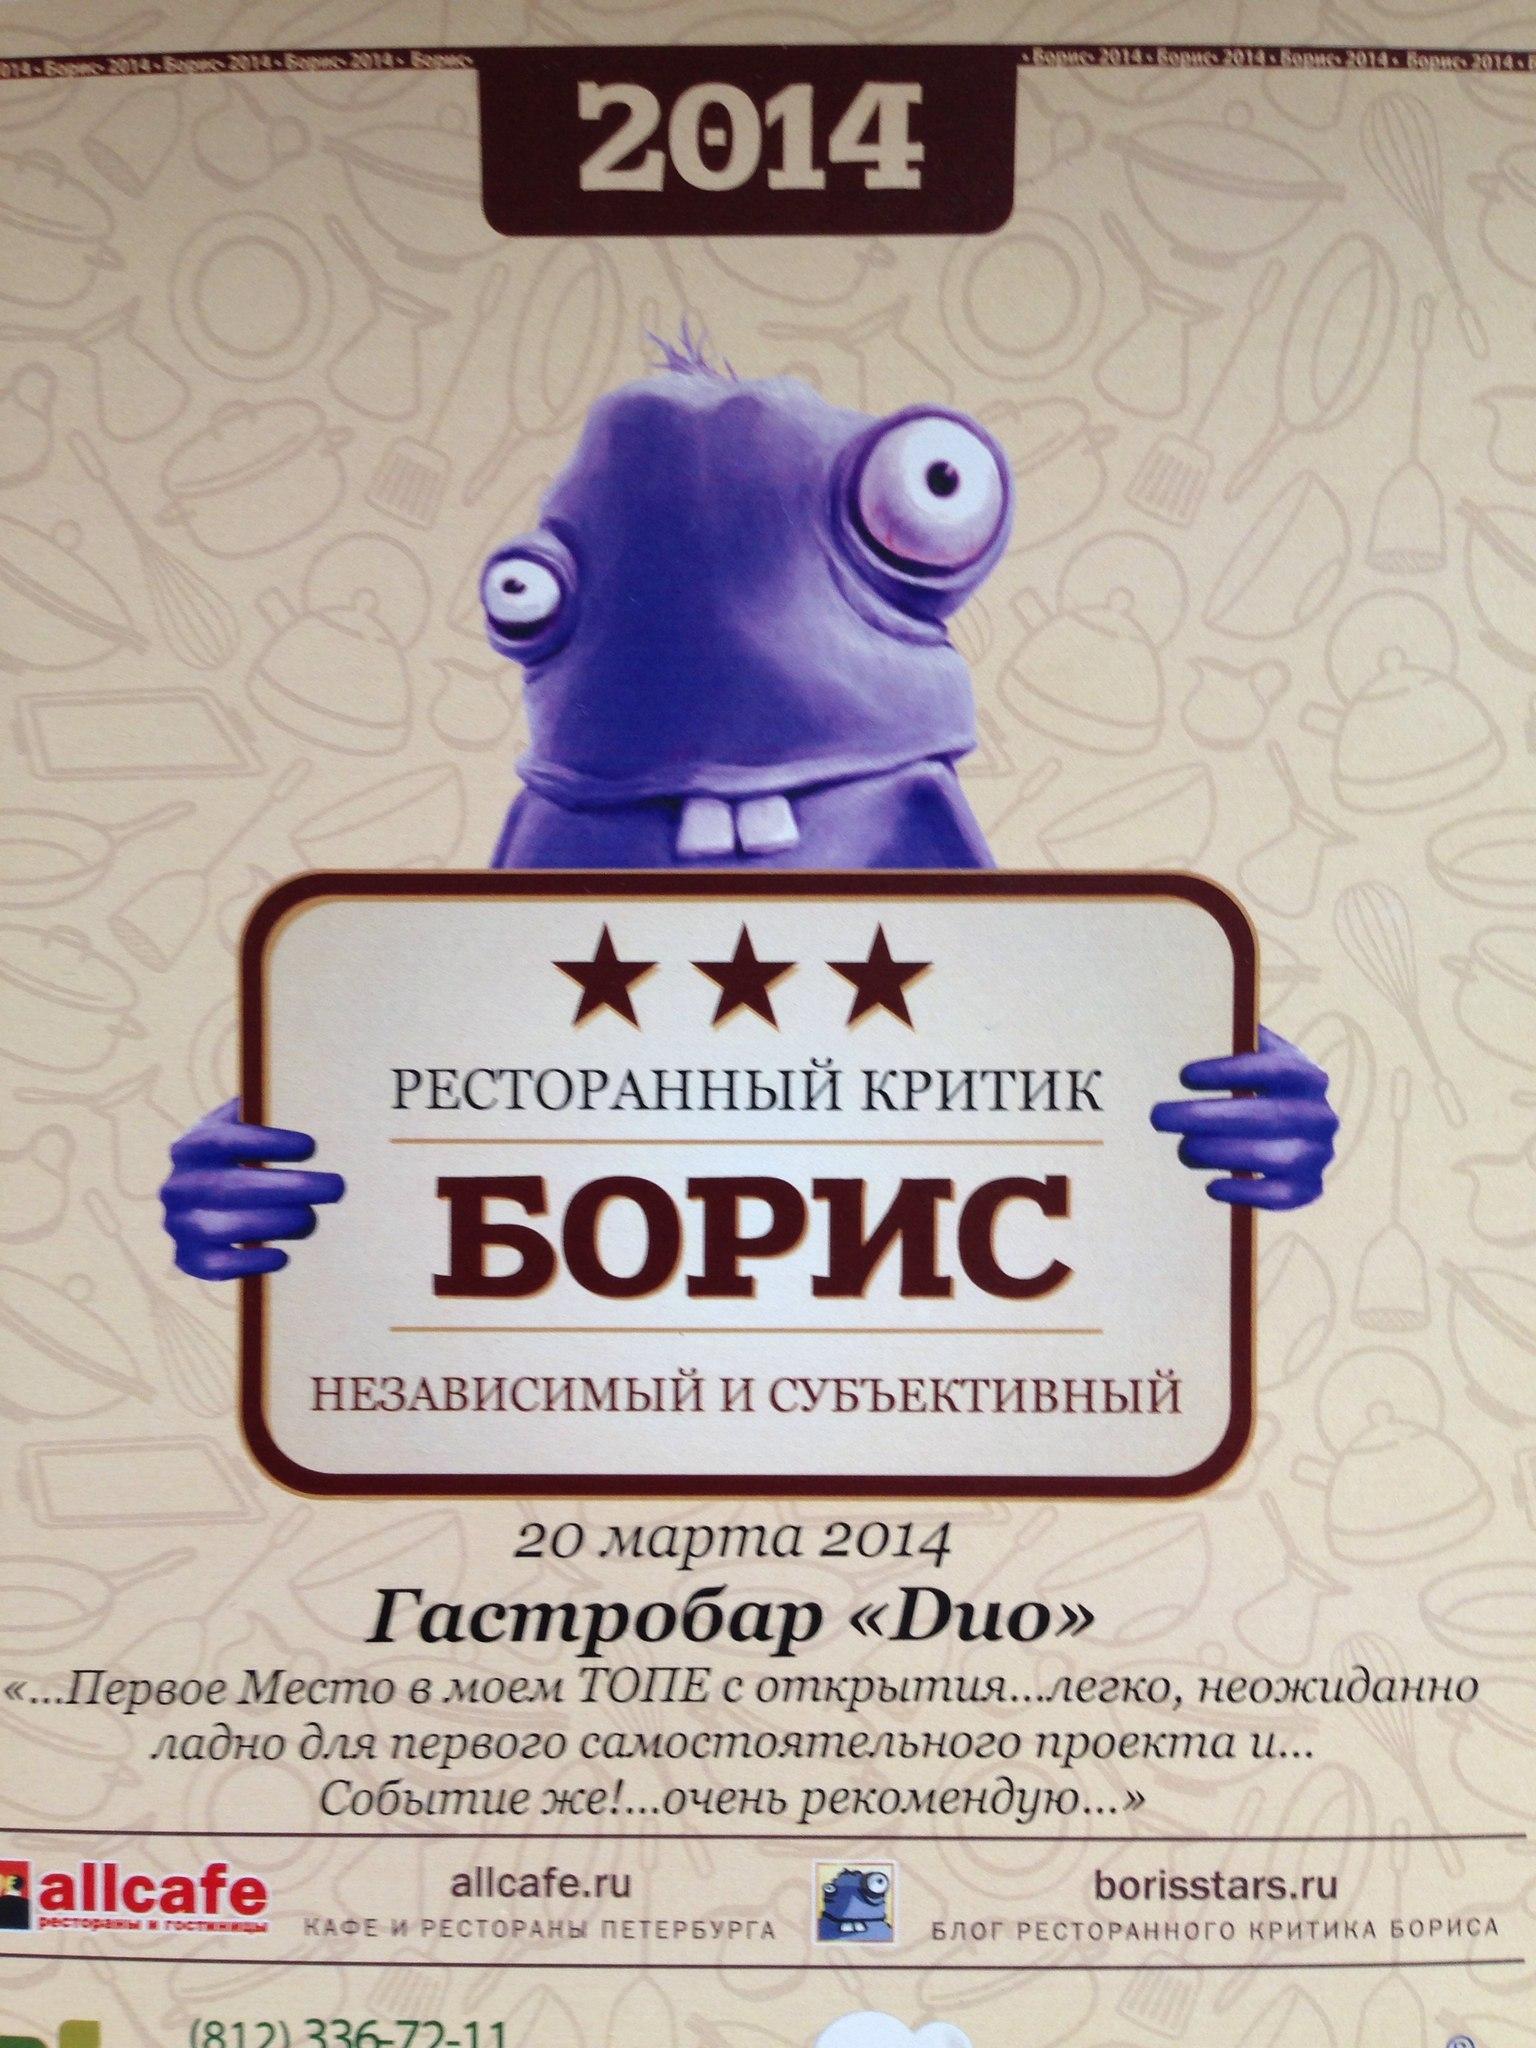 Ресторан «Duo Gastrobar» - Вконтакте